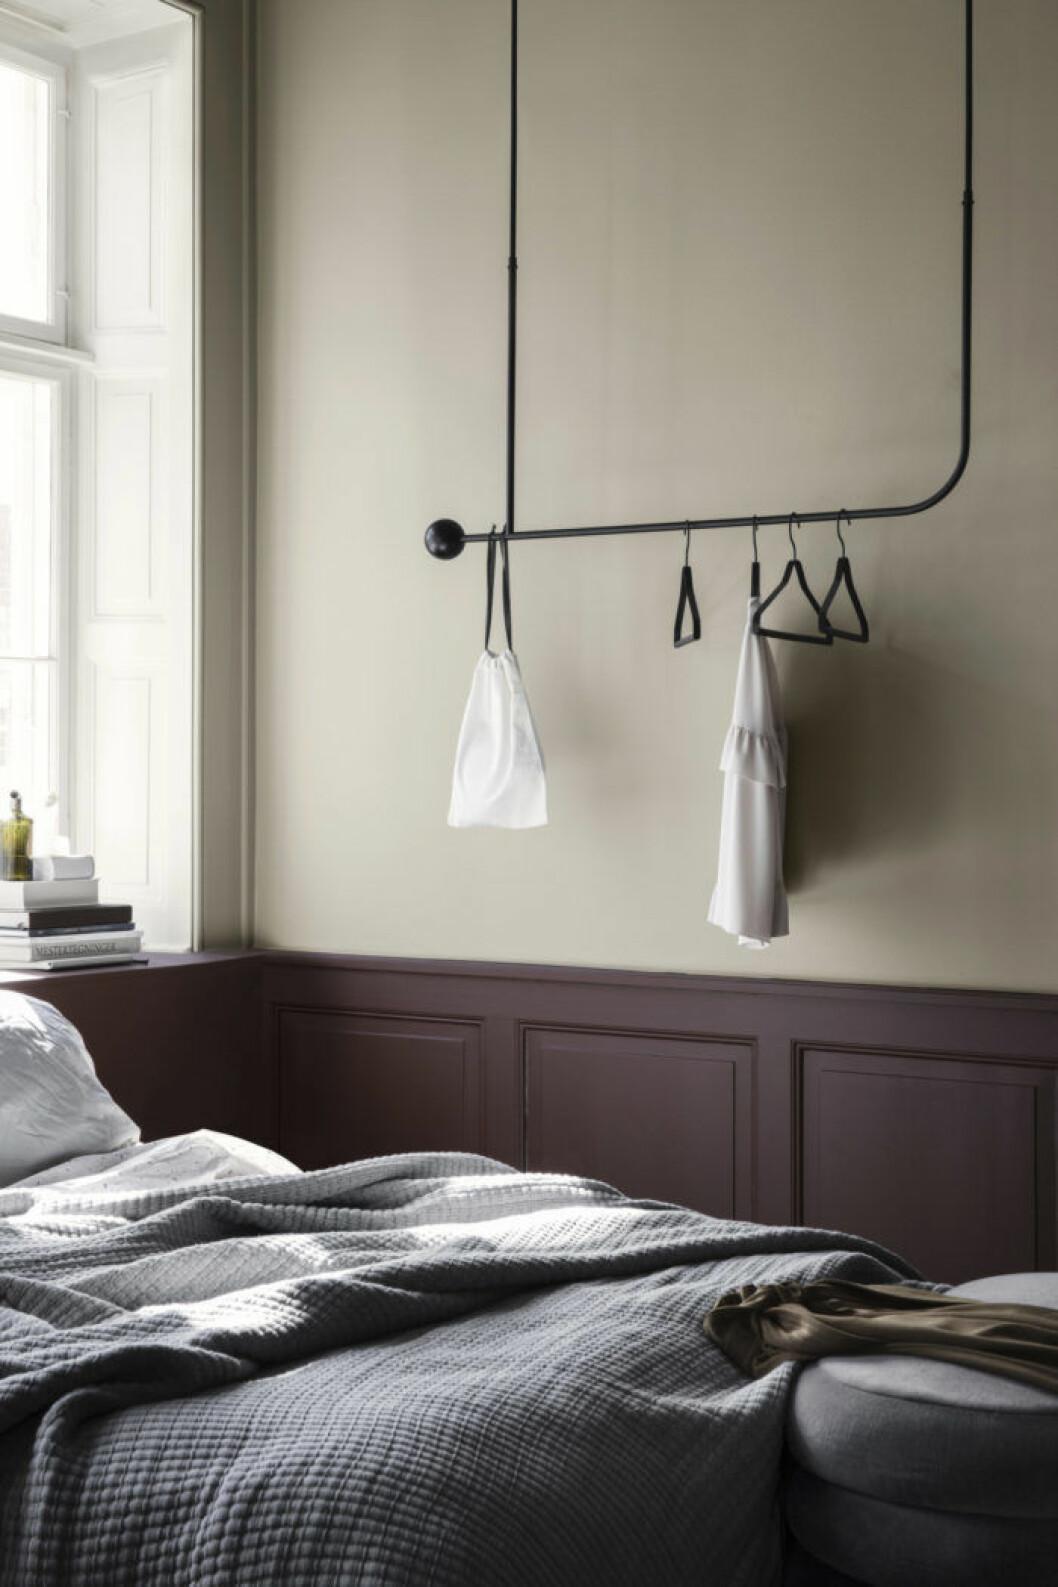 Pujo Hanging Rack från Ferm Living.